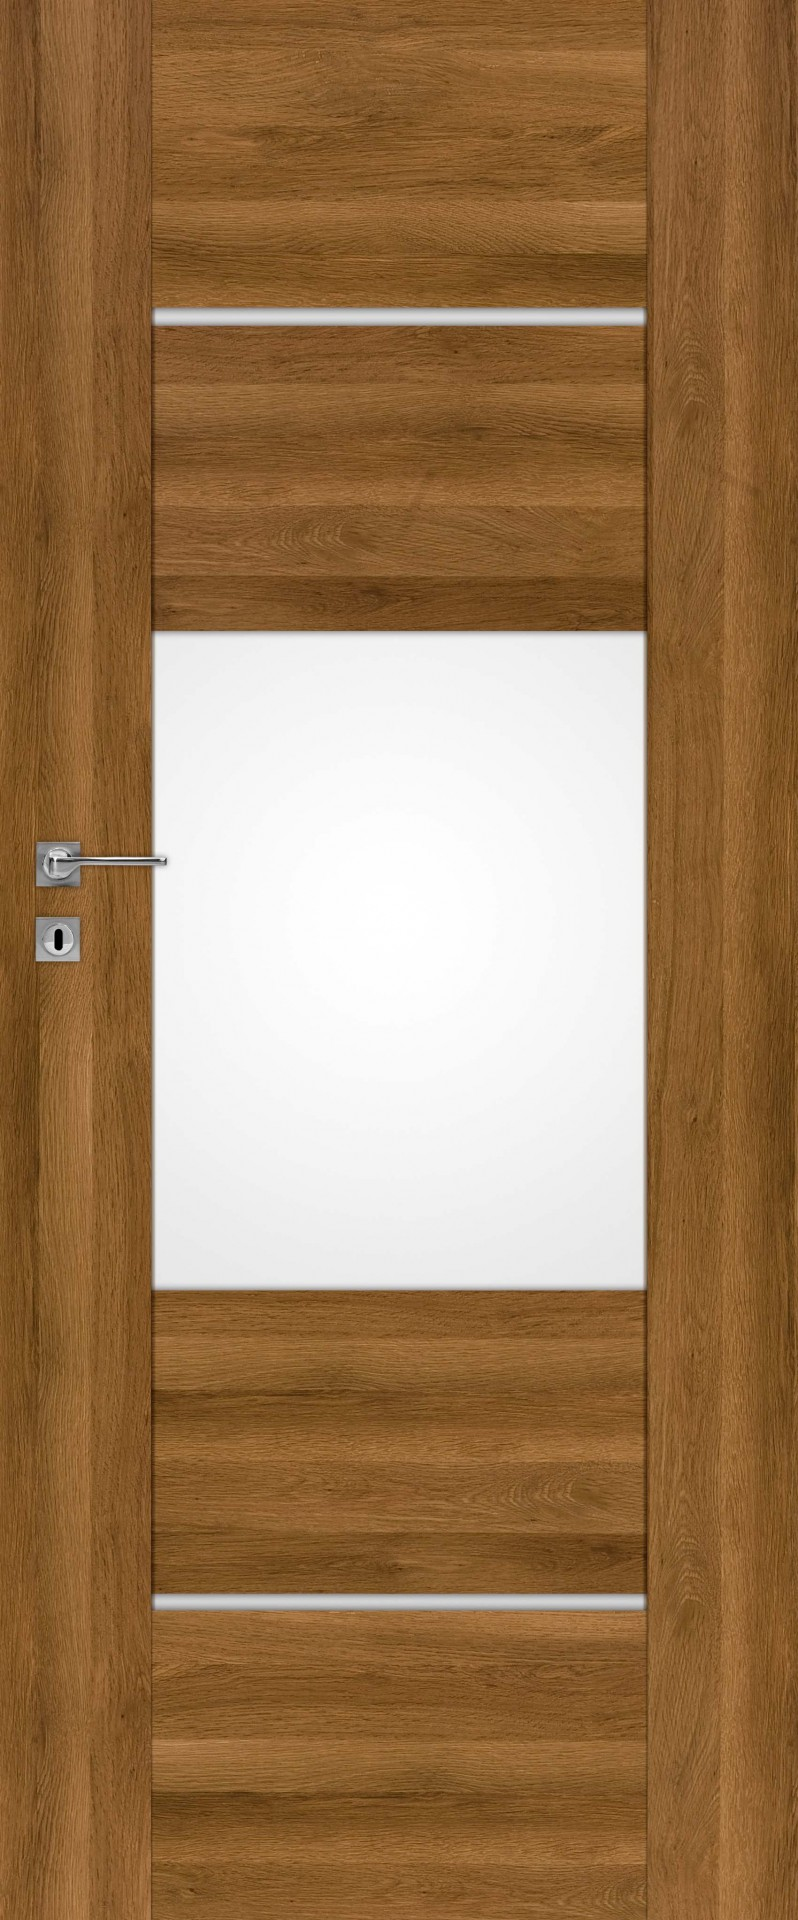 Dre dveře AURI 5, Šíře v cm 60